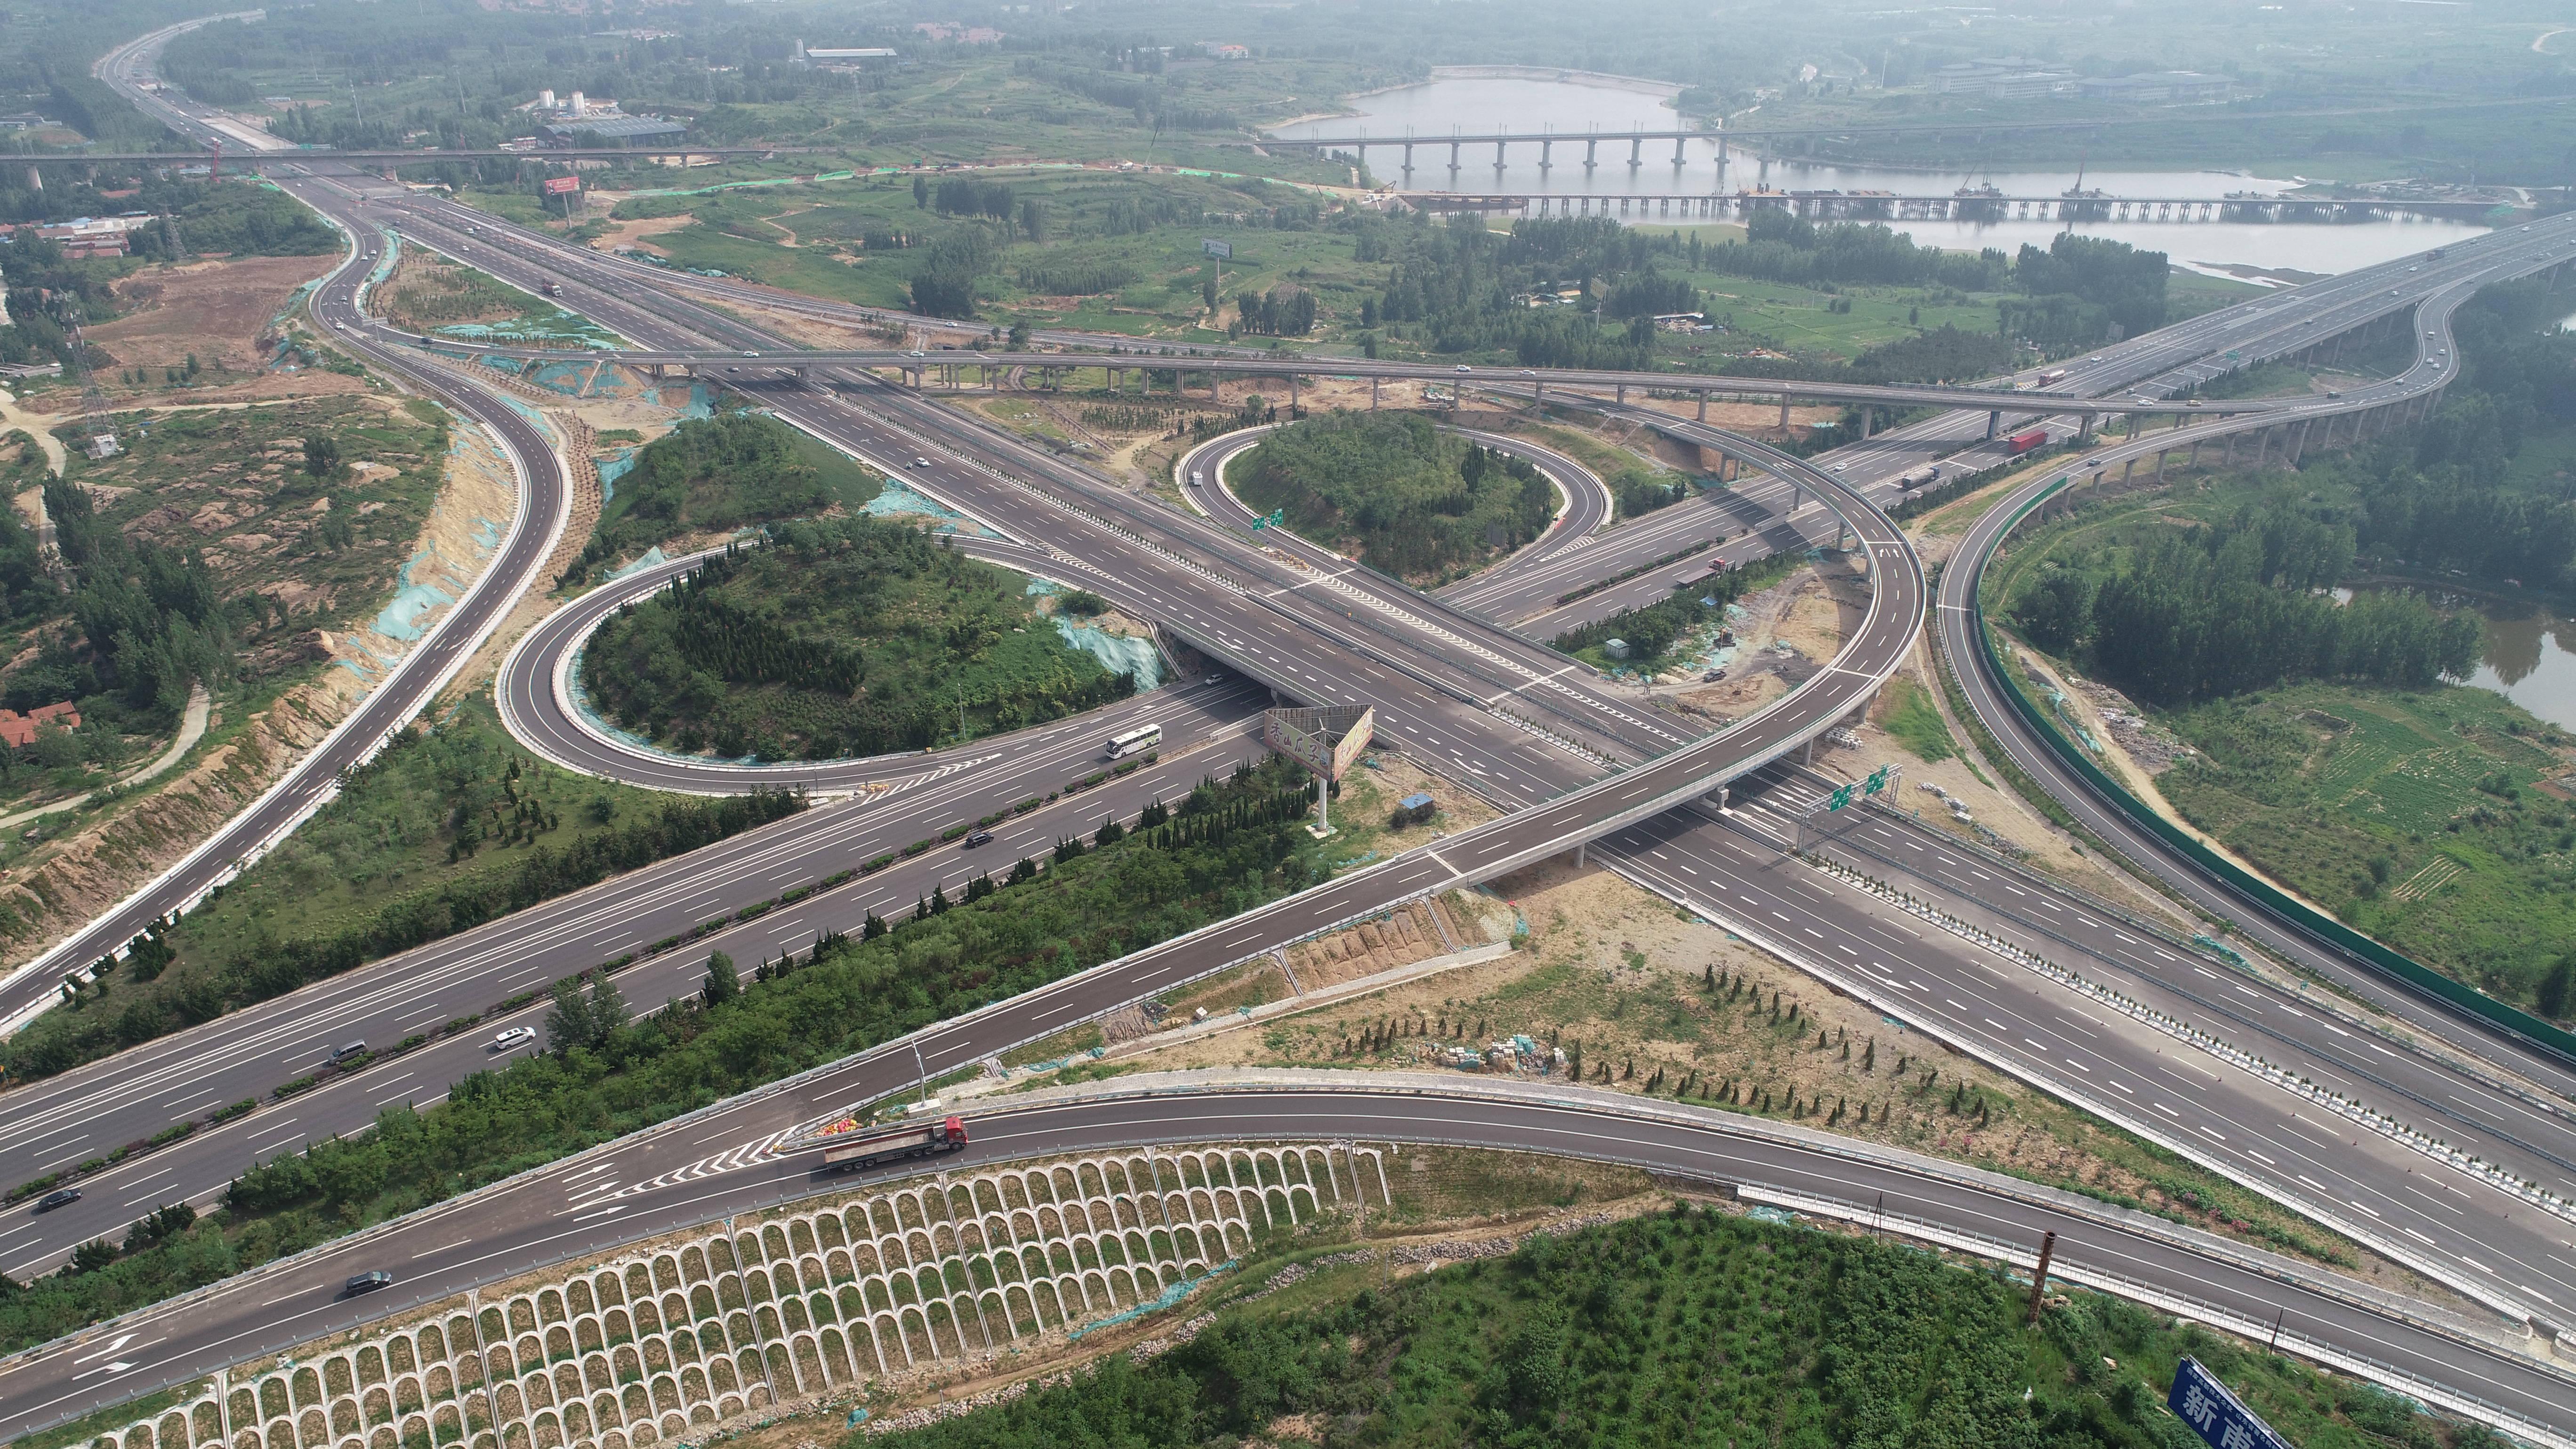 四车道变八车道!京沪高速改扩建项目莱芜枢纽互通立交桥全线通车